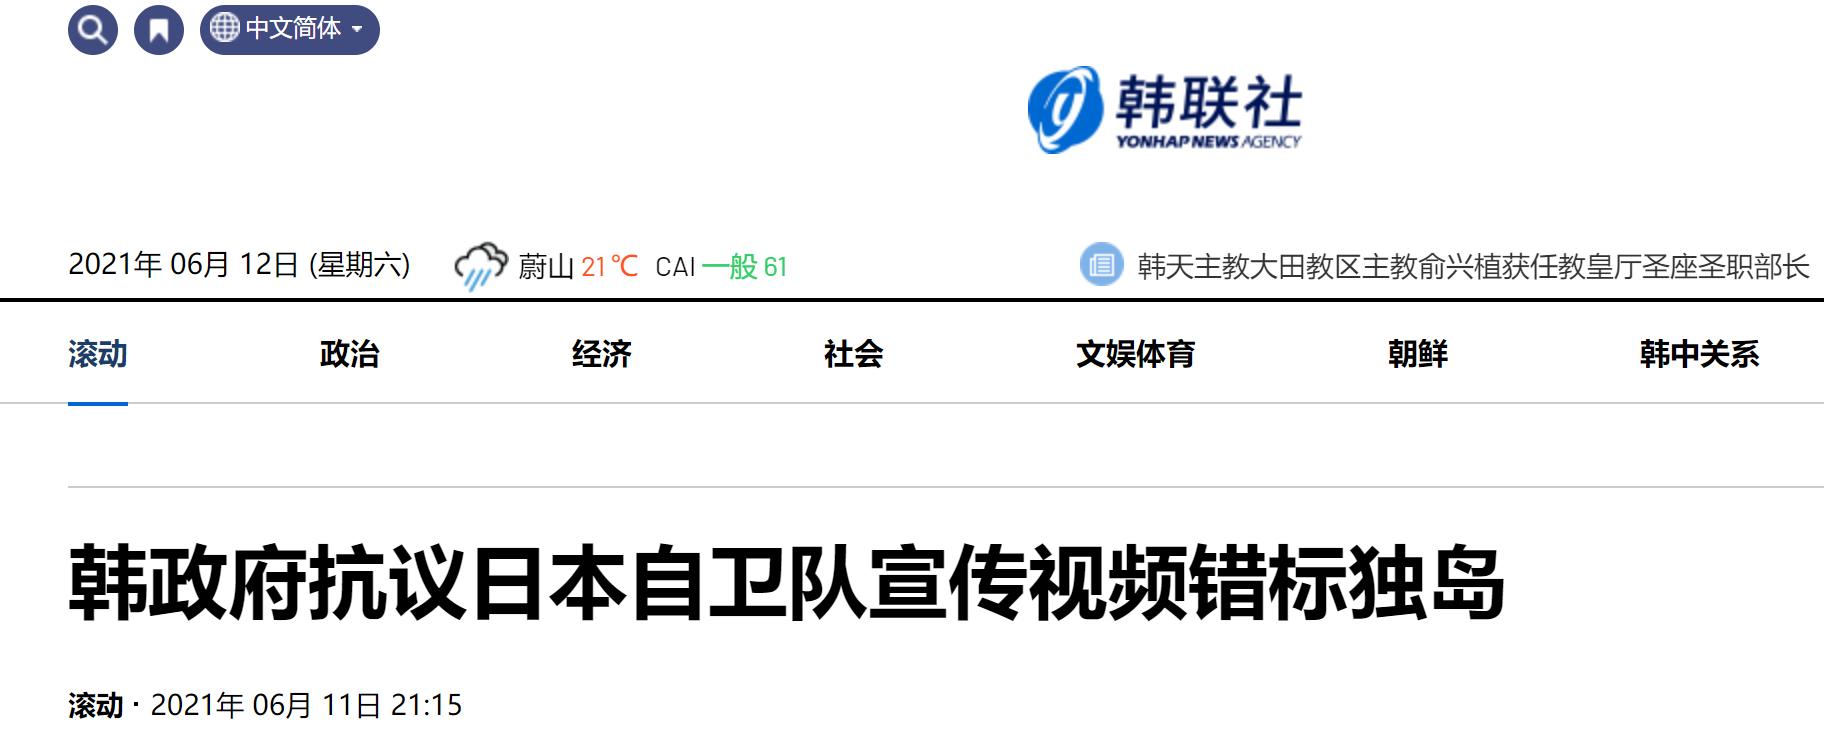 """日本自卫队宣传片将独岛标为""""竹岛"""" 韩国政府强烈抗议"""